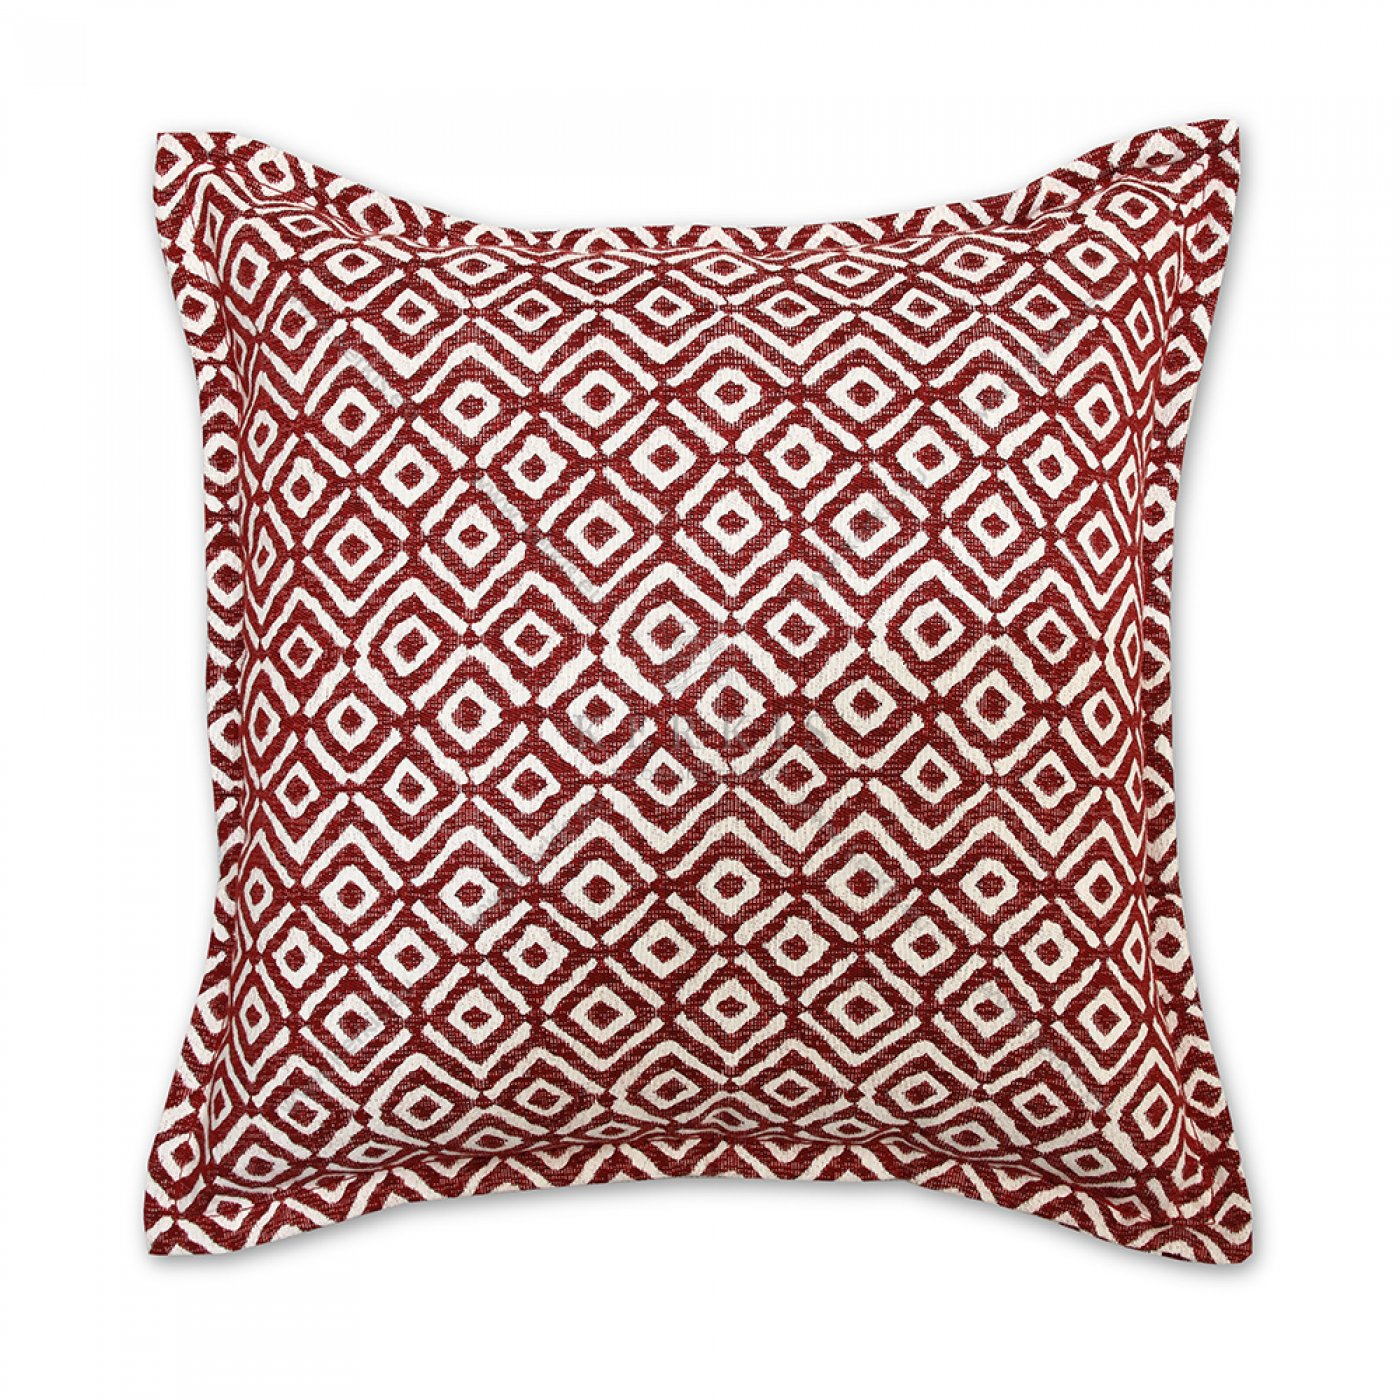 Διακοσμητικό μαξιλάρι καναπέ, χρώμα κόκκινο, ρόμβος